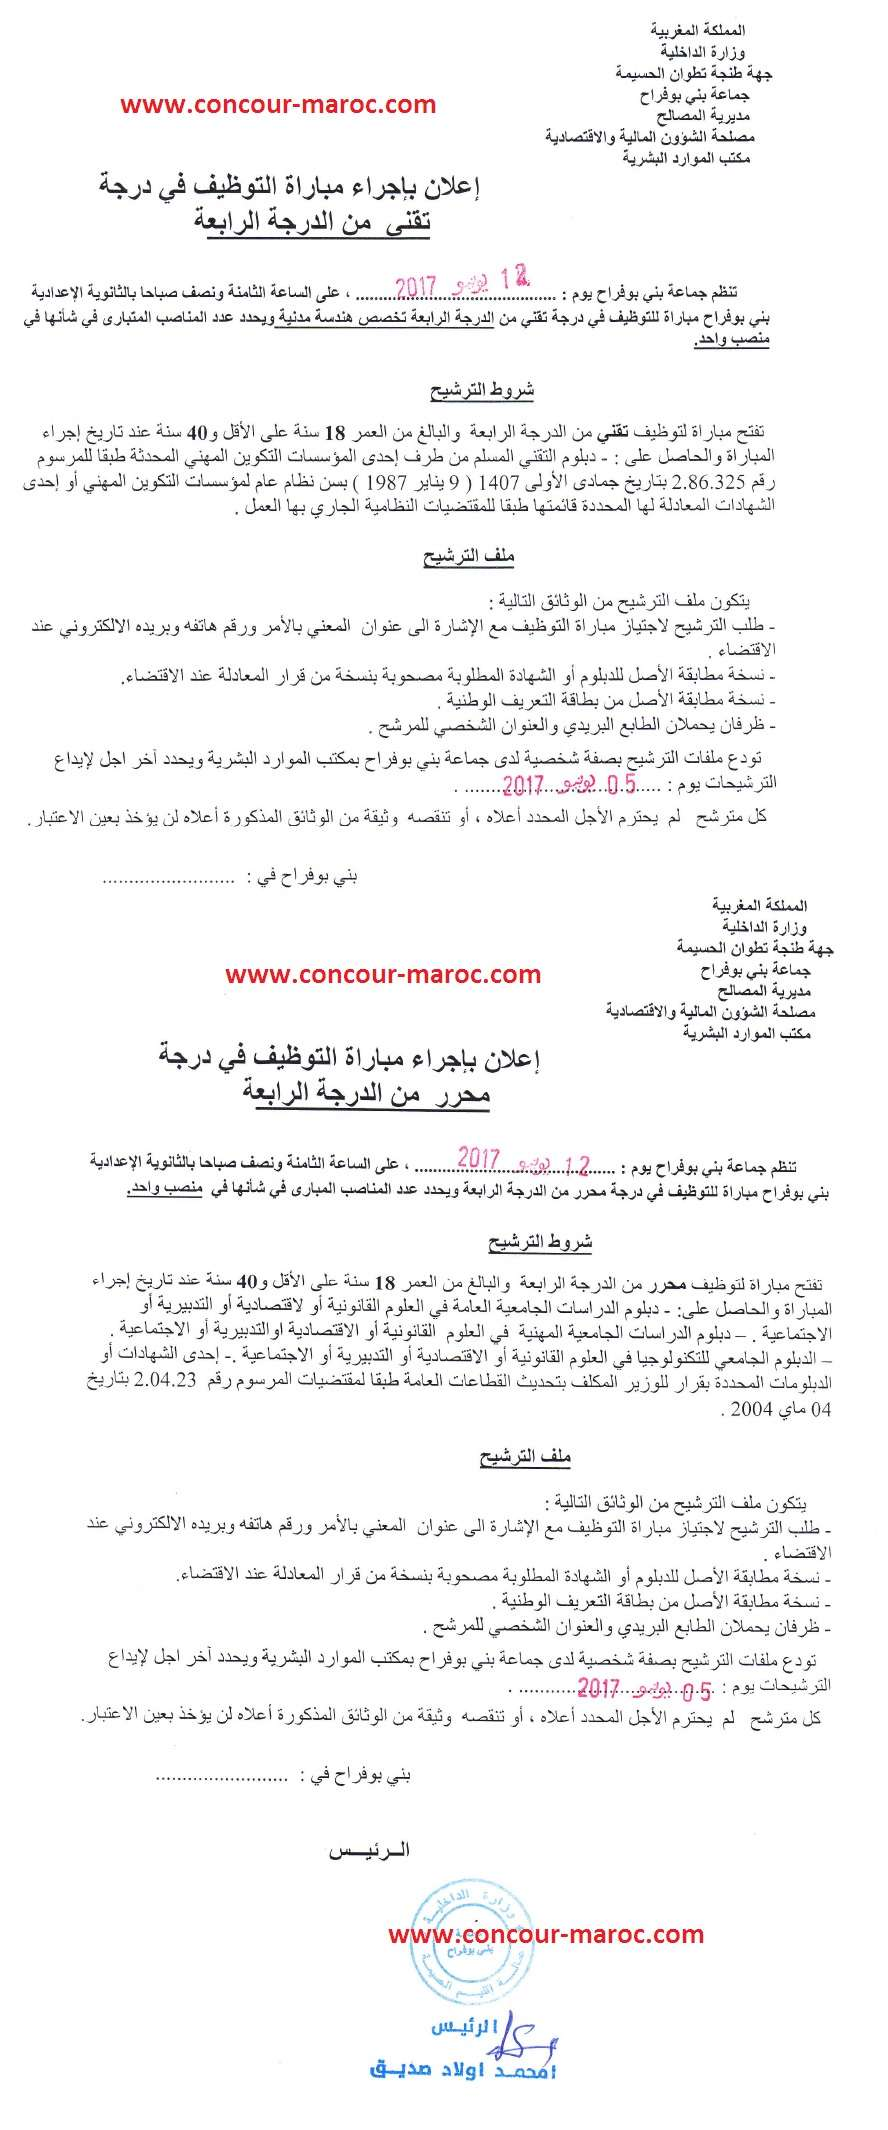 جماعة بني بوفراح (إقليم الحسيمة) : مباراة توظيف في  مختلف الدرجات (12 منصب) آخر أجل لإيداع الترشيحات 5 يونيو 2017 Conco107